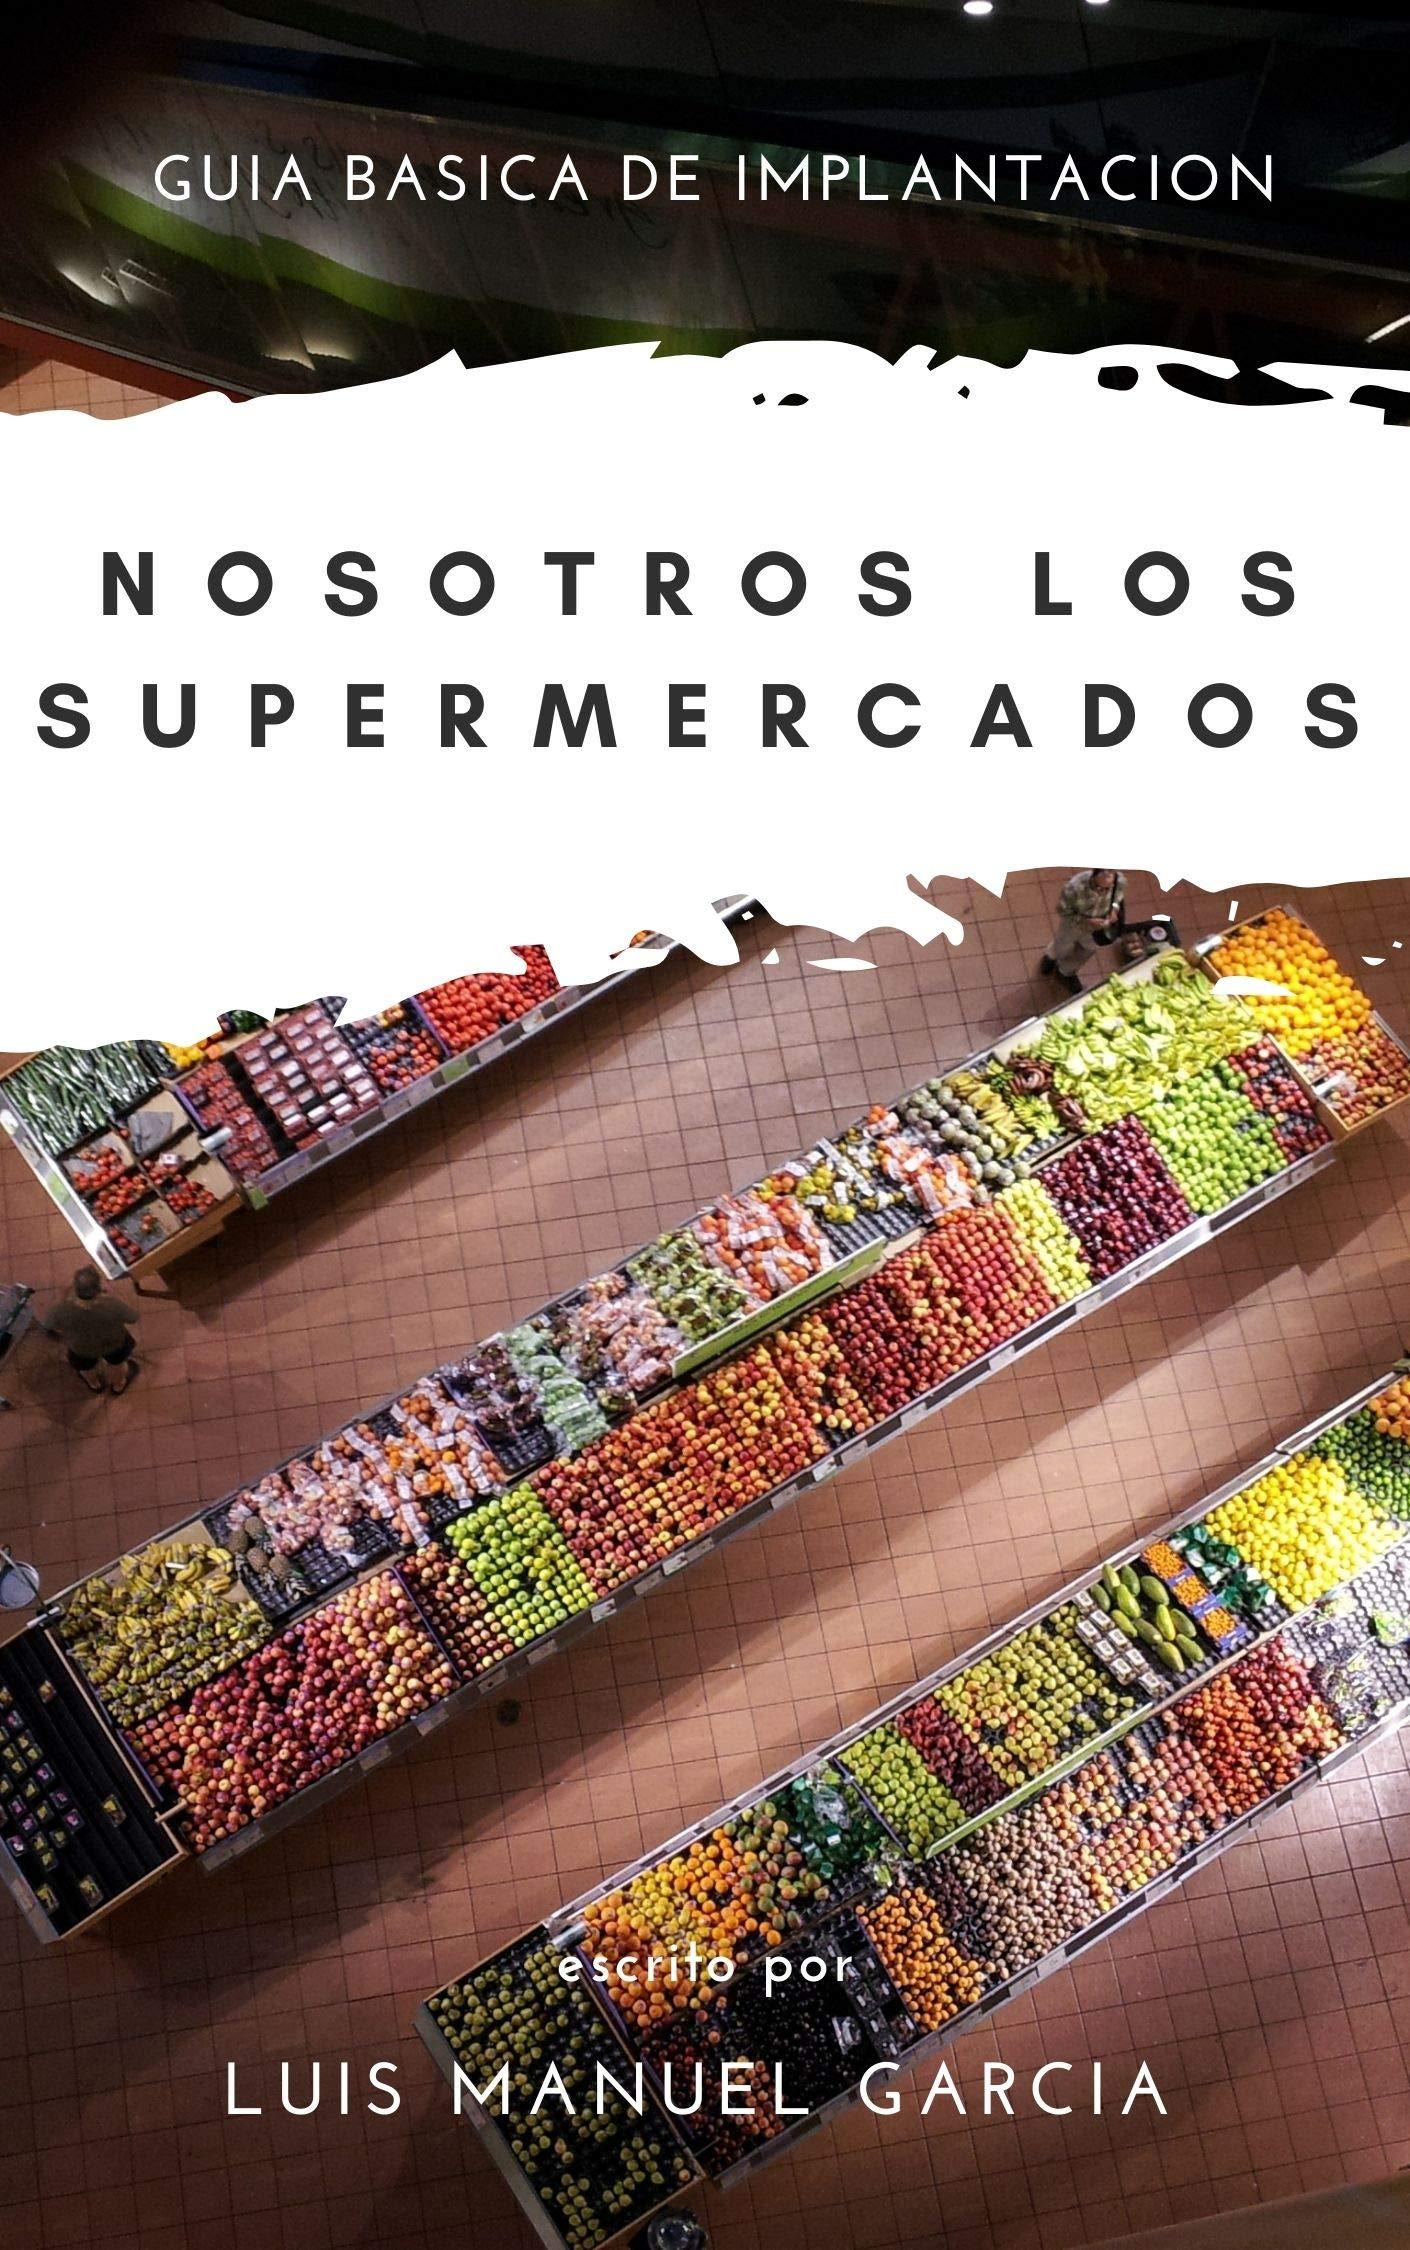 Nosotros Los Supermercados : Guia basica de implantación Desarrollo de lineales (Spanish Edition)